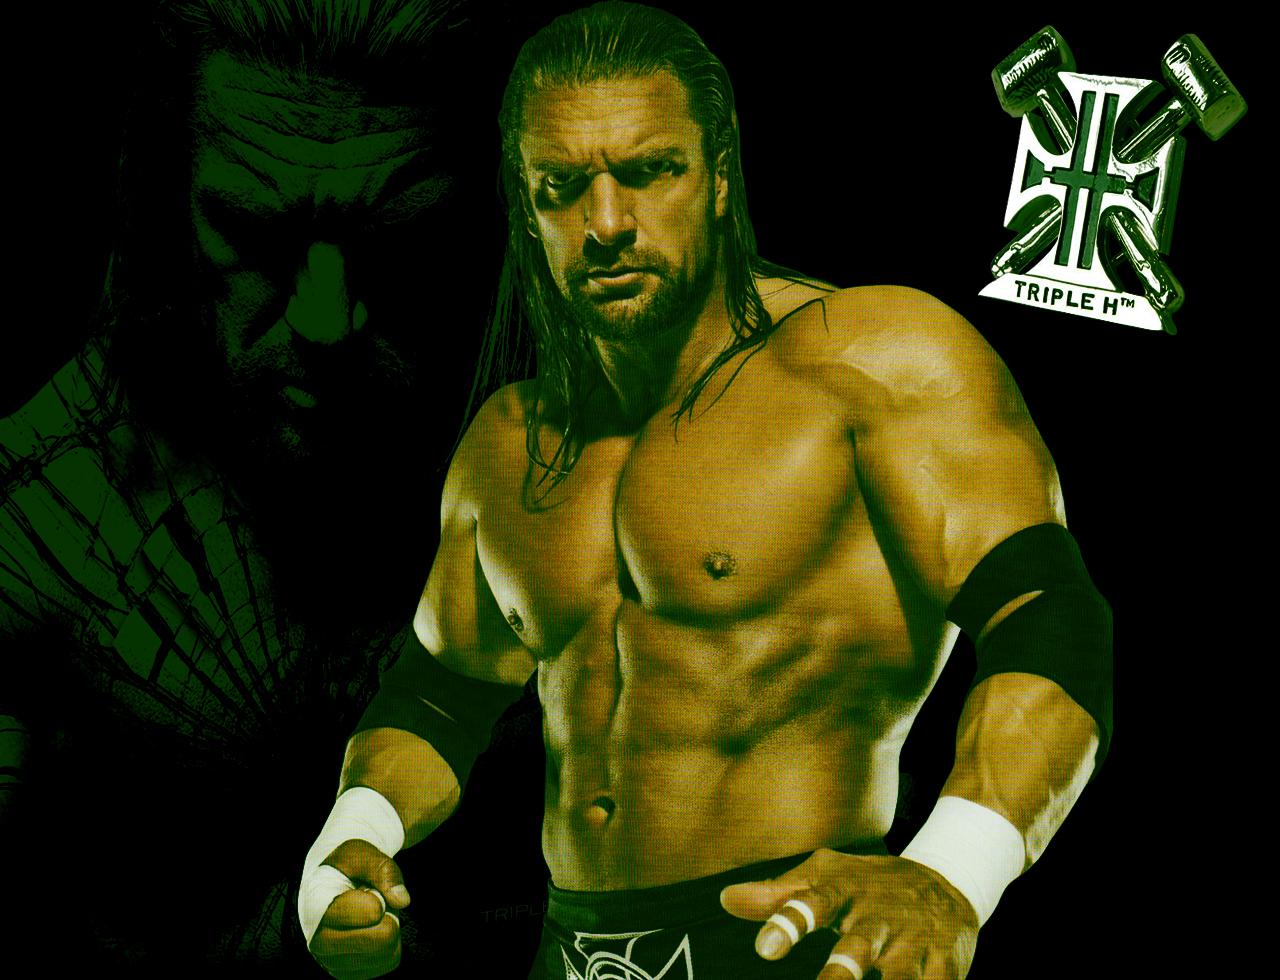 http://3.bp.blogspot.com/-QJAAyS_uz78/T7pRvAssORI/AAAAAAAABzY/HwLFWxdzk80/s1600/Triple-H-WWE-Superstar-Wallpaper-WallpapersWWE.com.jpg